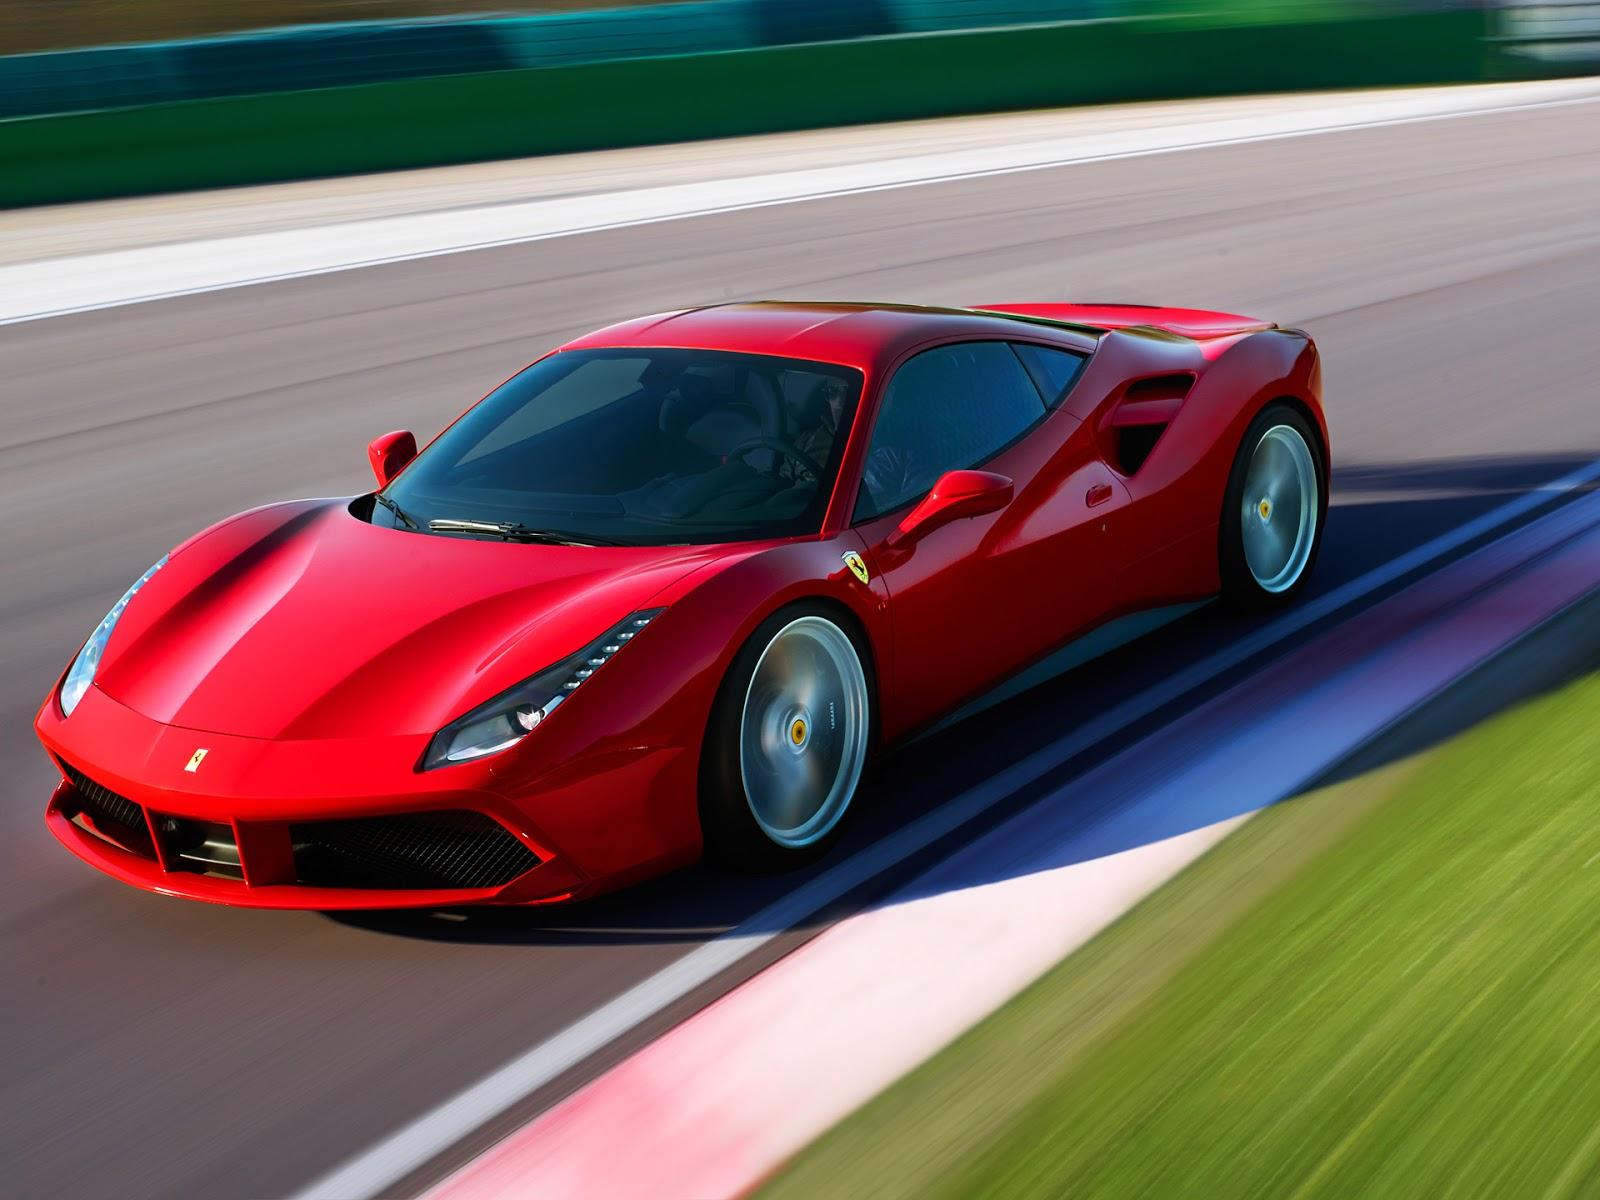 2016 Ferrari 488 GTB V13 1440 Ferrari 488 GTB: ταχύτατους γύρους στην πίστα για τον επαγγελματία οδηγό, συναρπαστική ακόμα και για τον μέσο οδηγό στο δρόμο 488 GTB, Ferrari, Ferrari 488 GTB, SSC2, supercars, videos, zblog